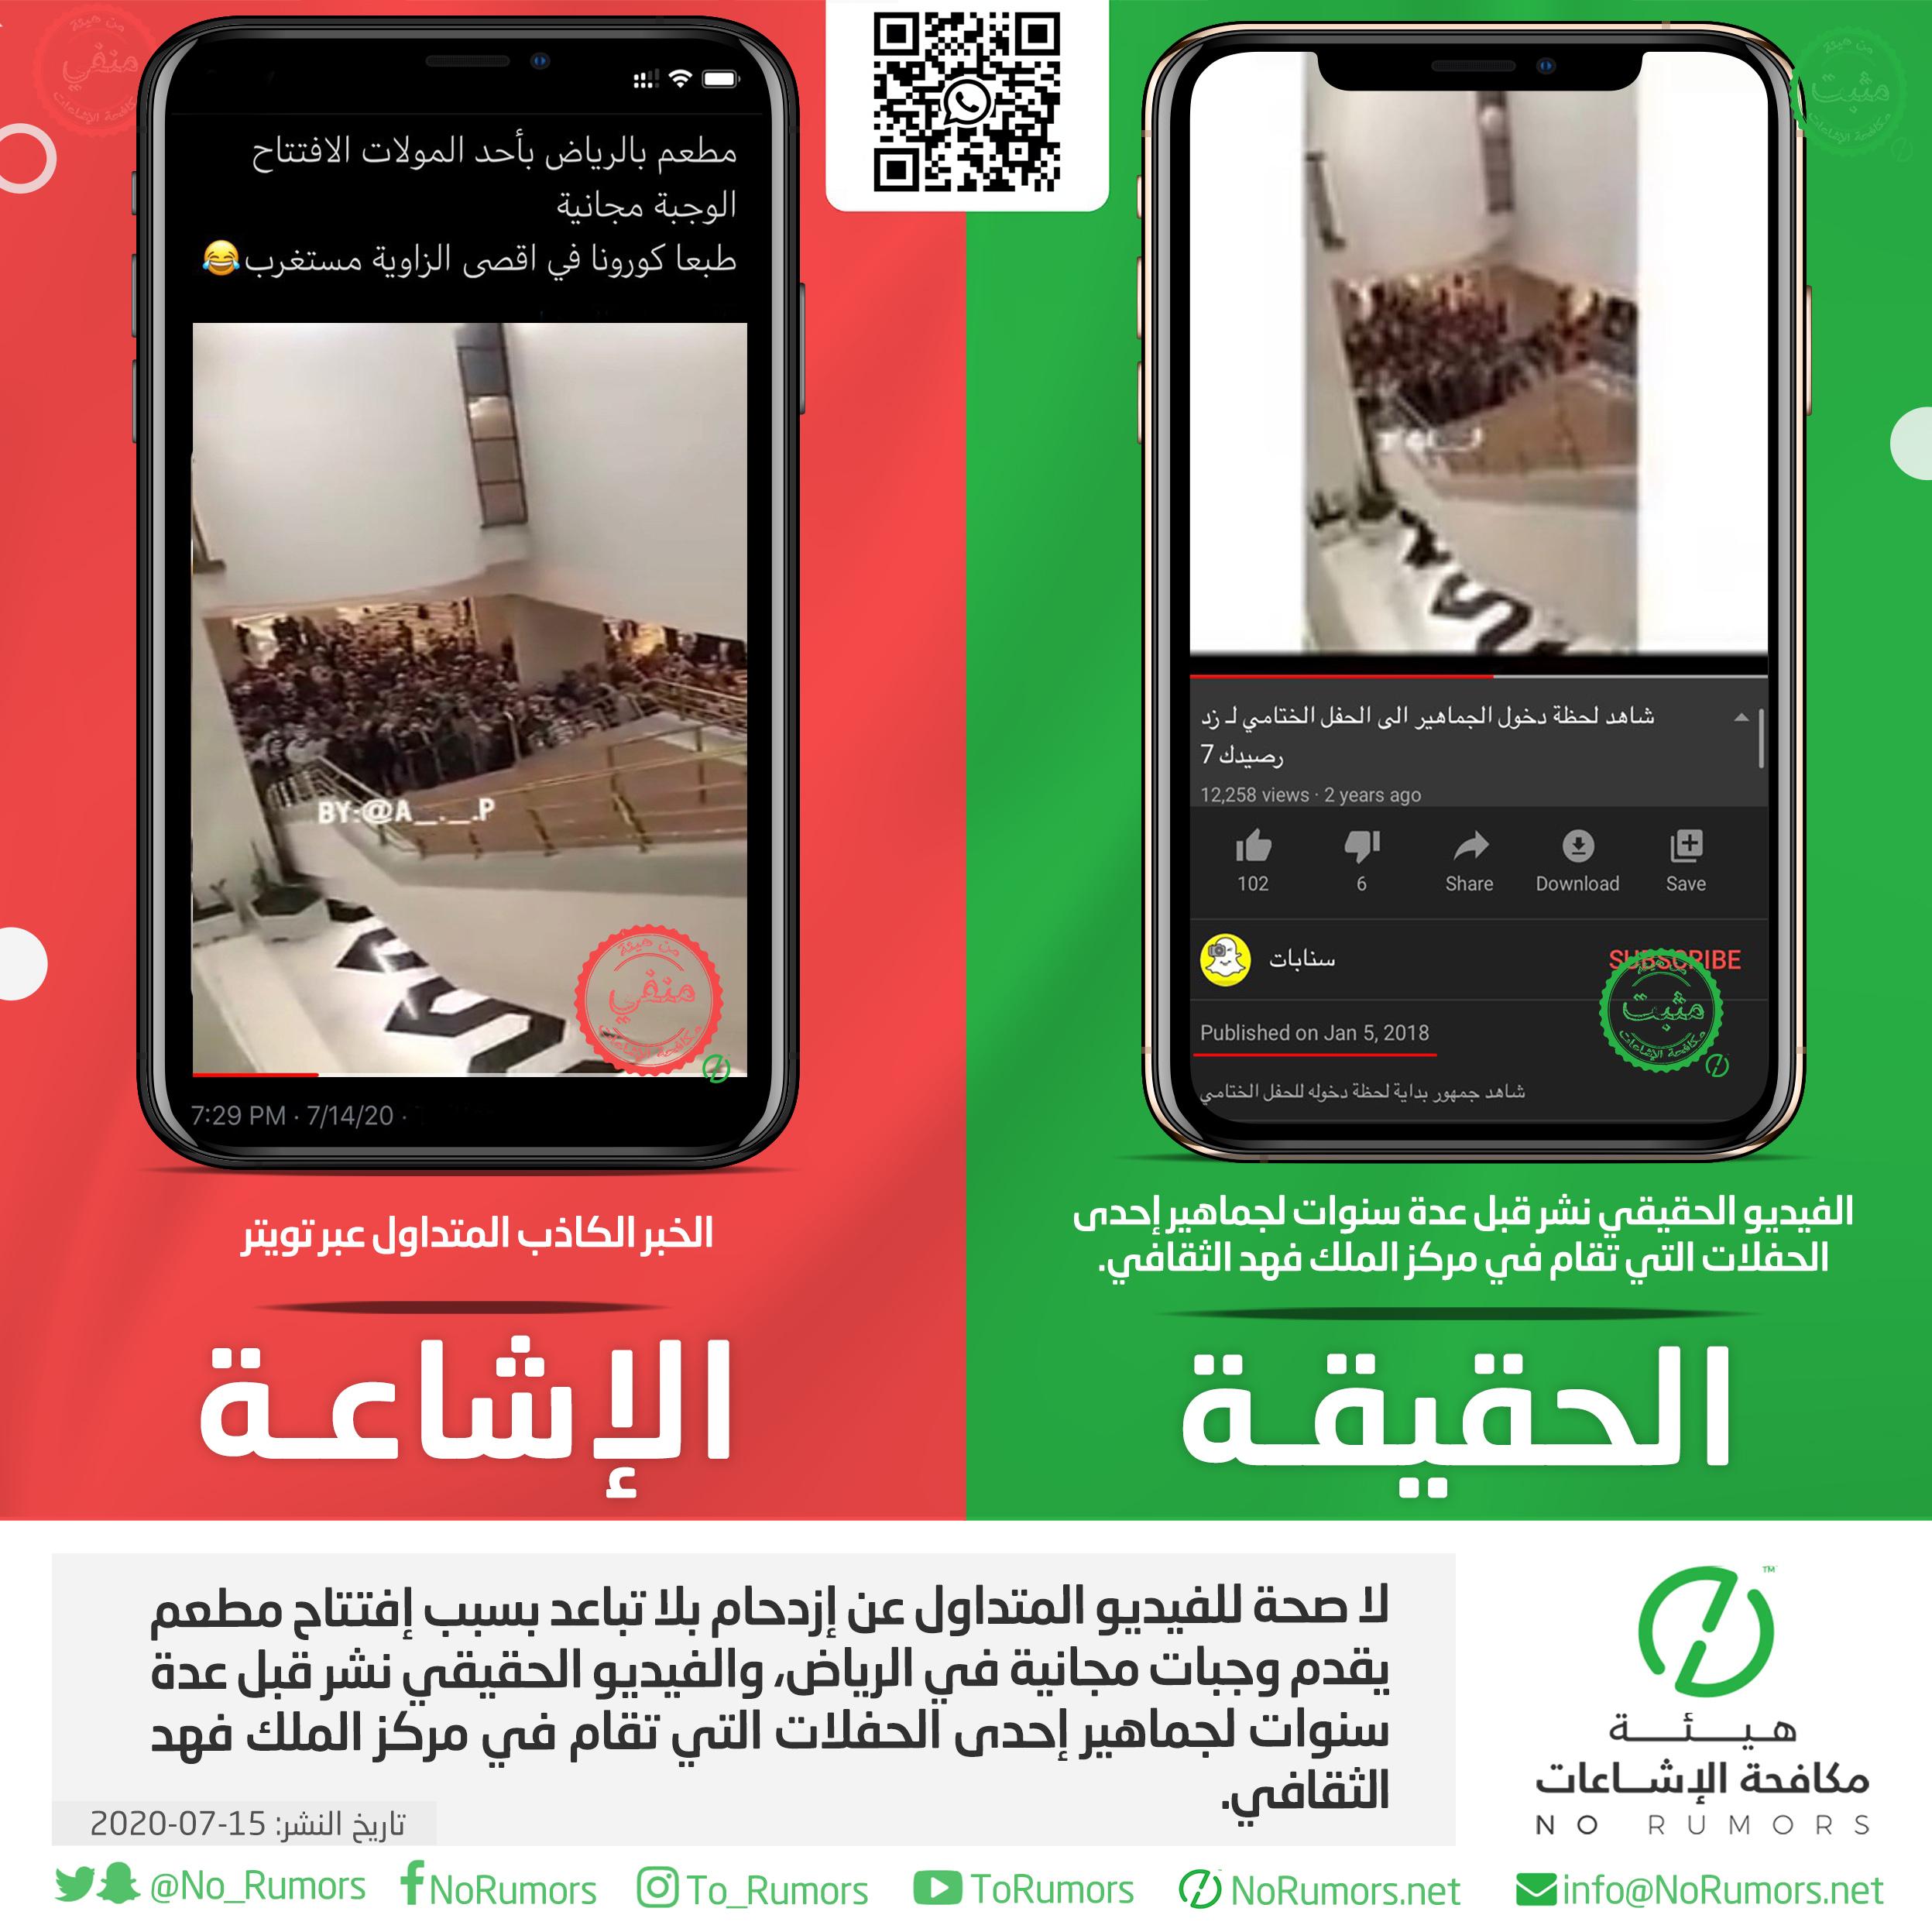 ماهي حقيقة الفيديو المتداول عن إزدحام بلا تباعد بسبب إفتتاح مطعم يقدم وجبات مجانية في الرياض